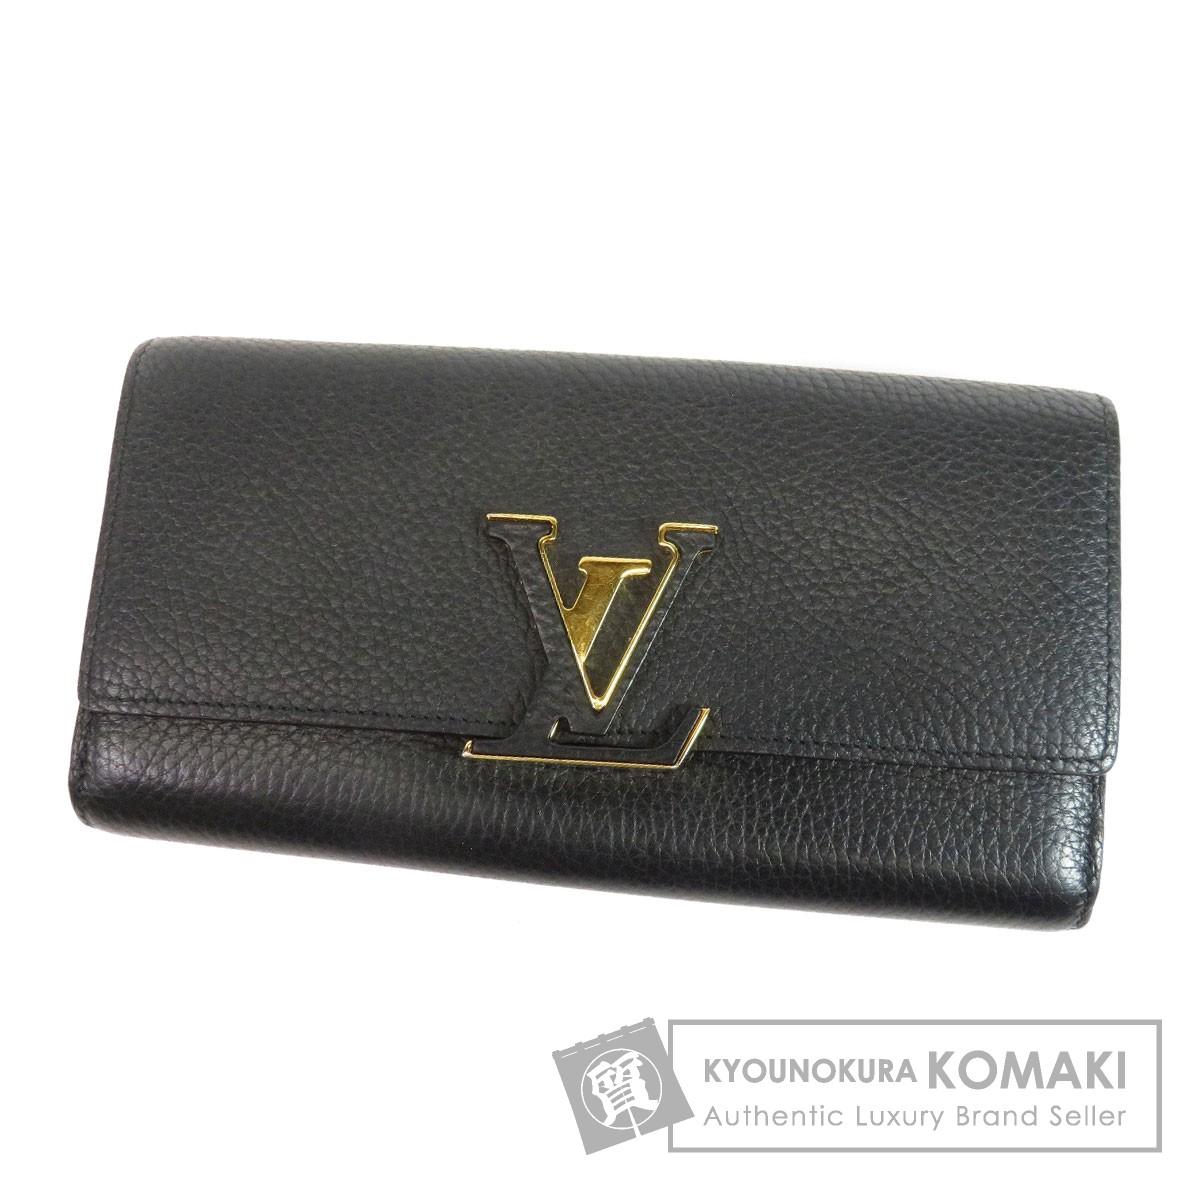 LOUIS VUITTON M61248 カプシーヌ 長財布(小銭入れあり) トリヨン レディース 【中古】【ルイ・ヴィトン】